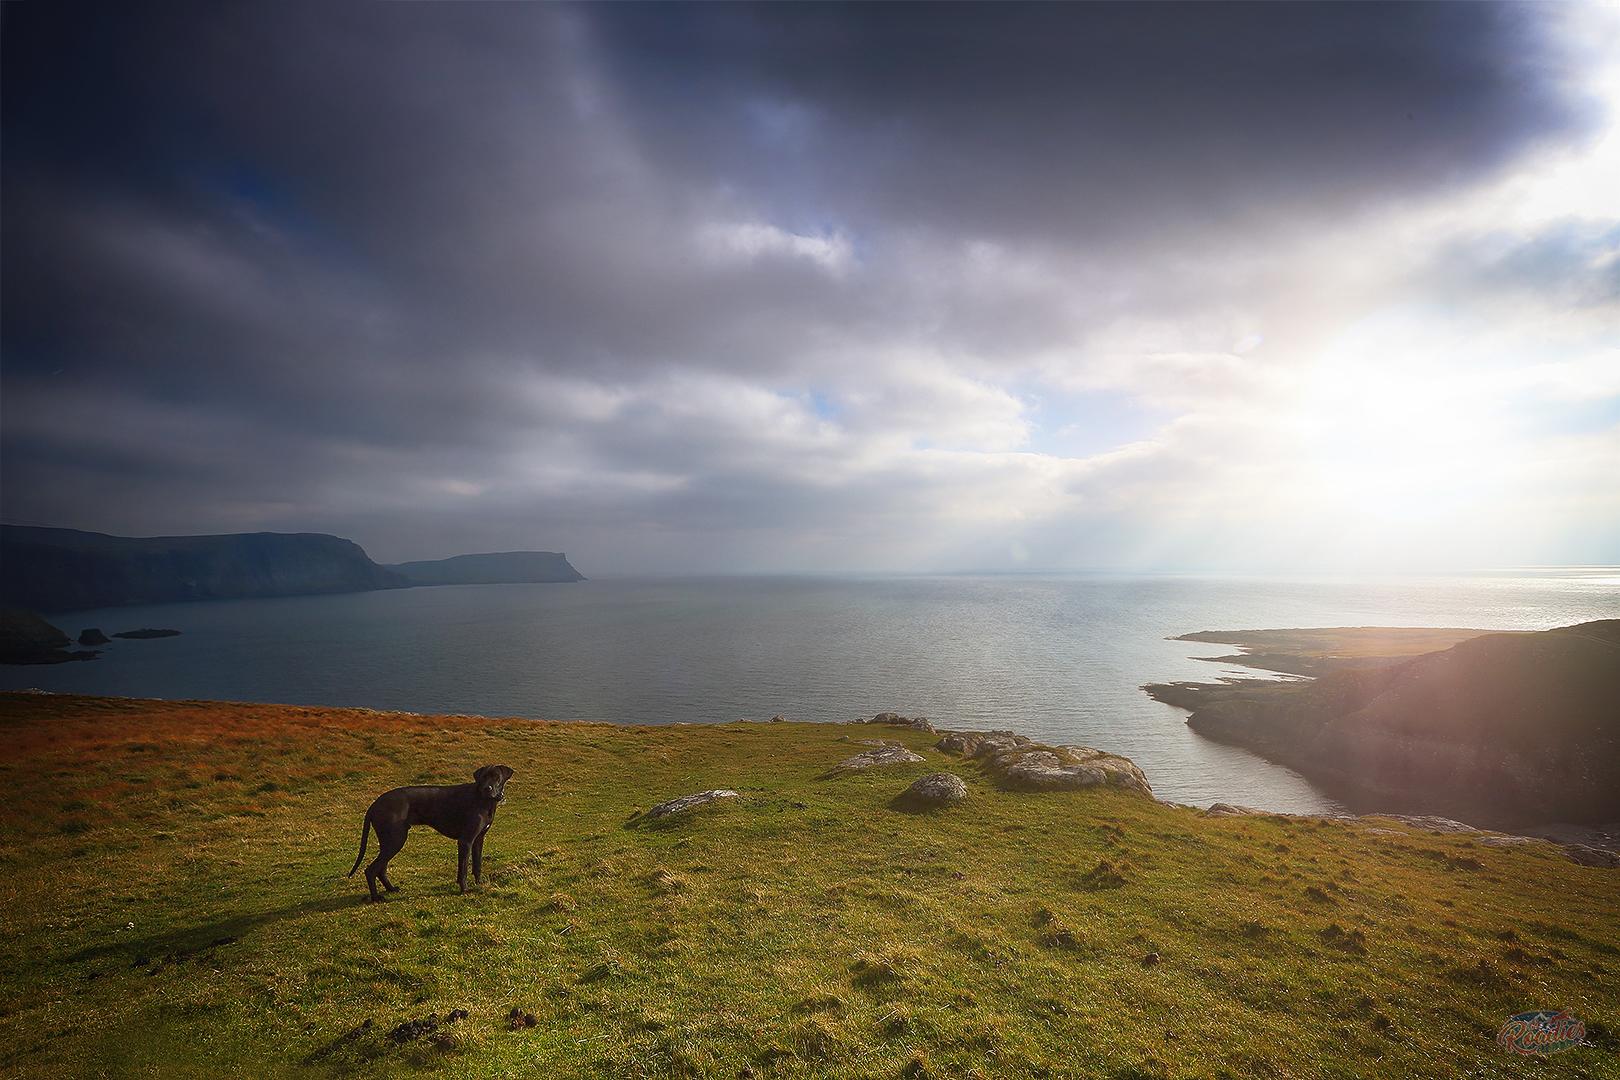 Einreise_Hund_Urlaub_Schottland_England_Großbritannien_Bestimmungen